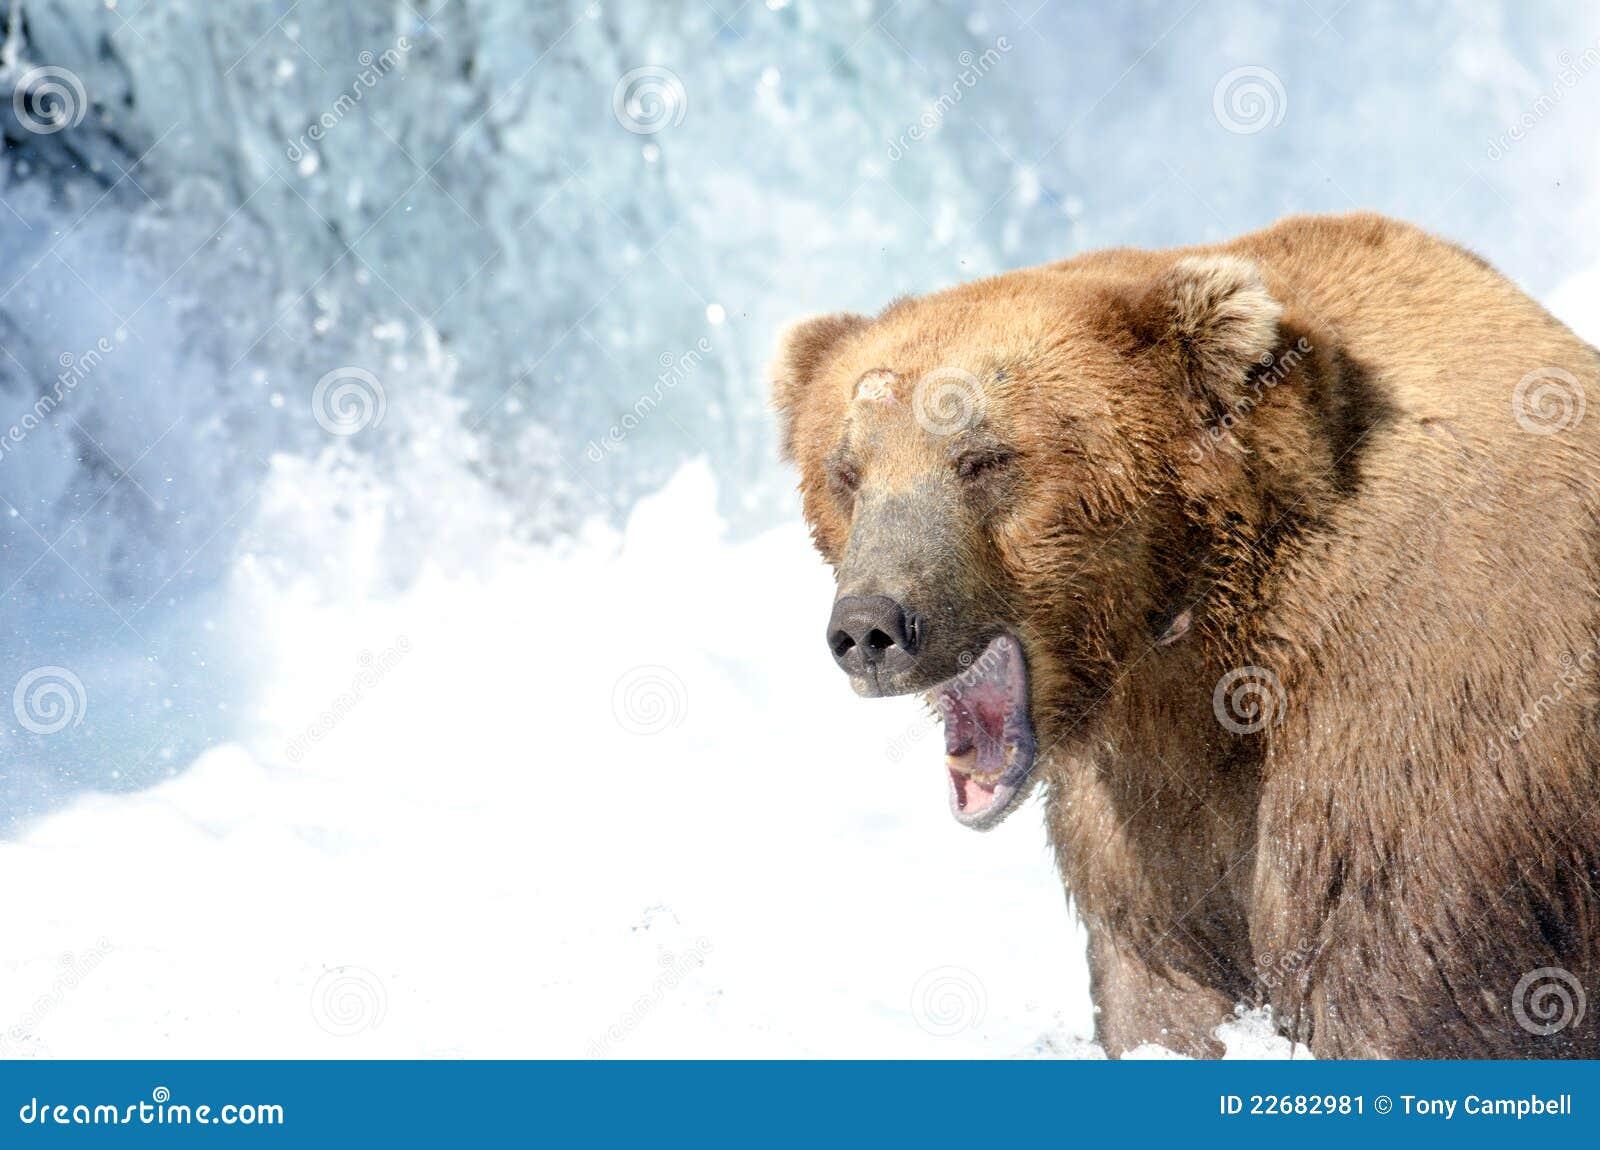 Pesca d 39 alasca dell 39 orso marrone per i salmoni immagine for Affitti cabina grande lago orso